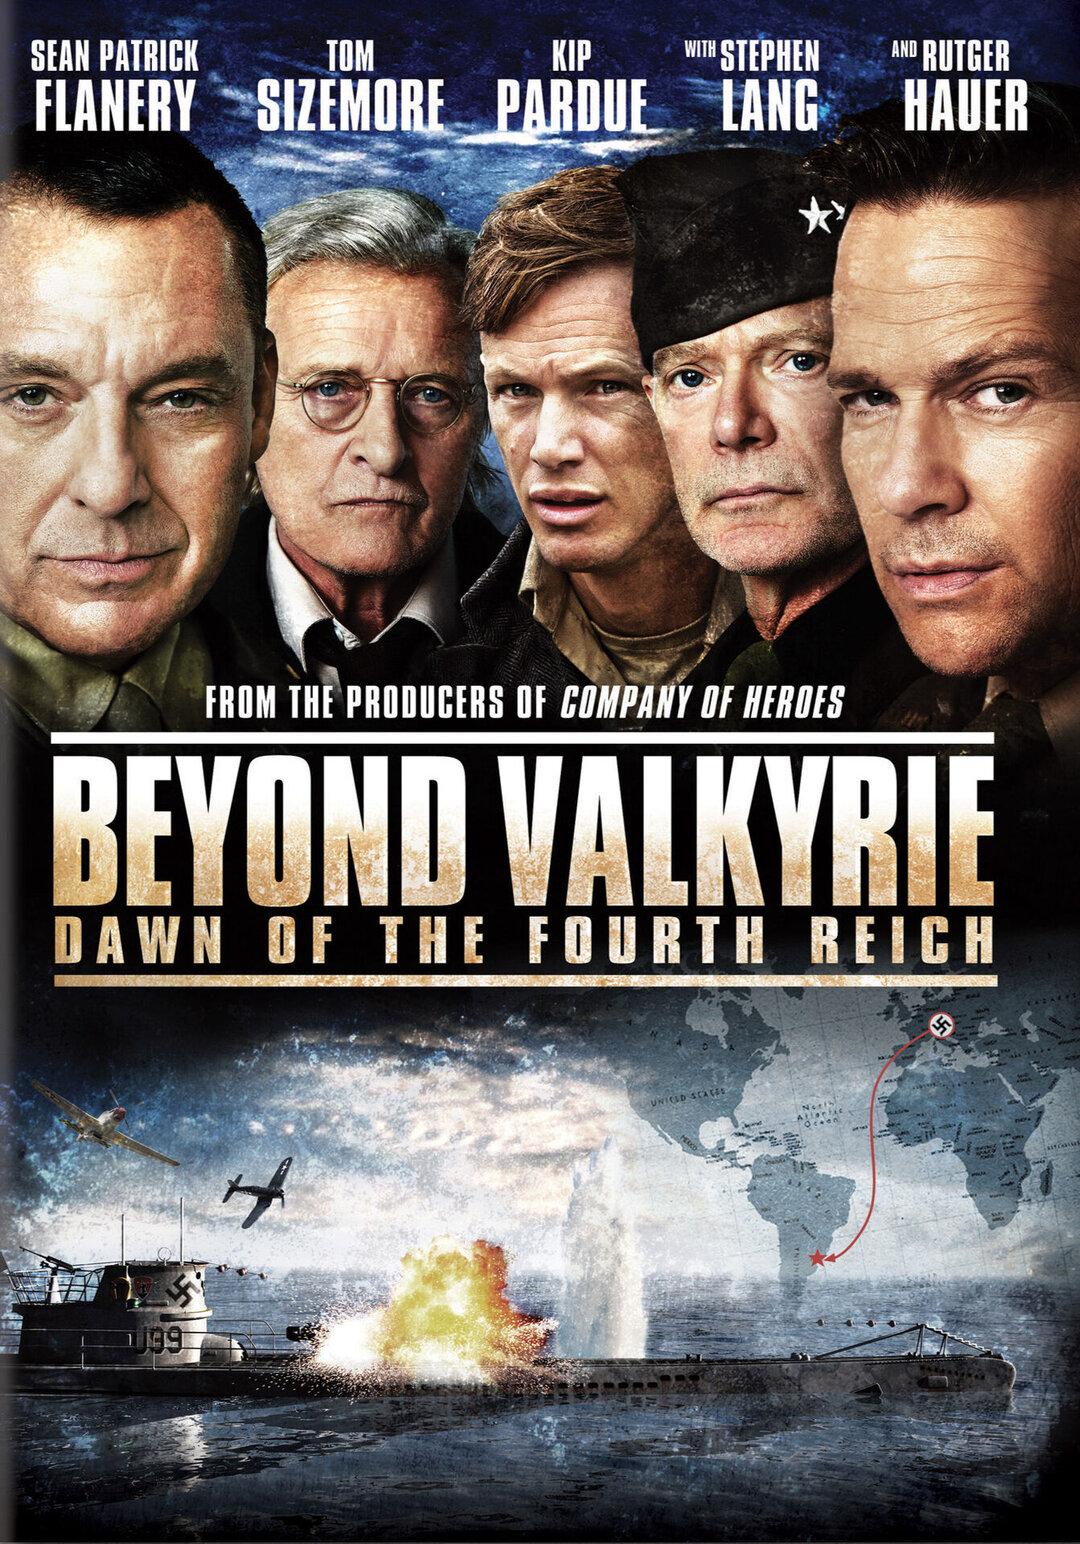 После Валькирии: Рассвет Четвертого рейха